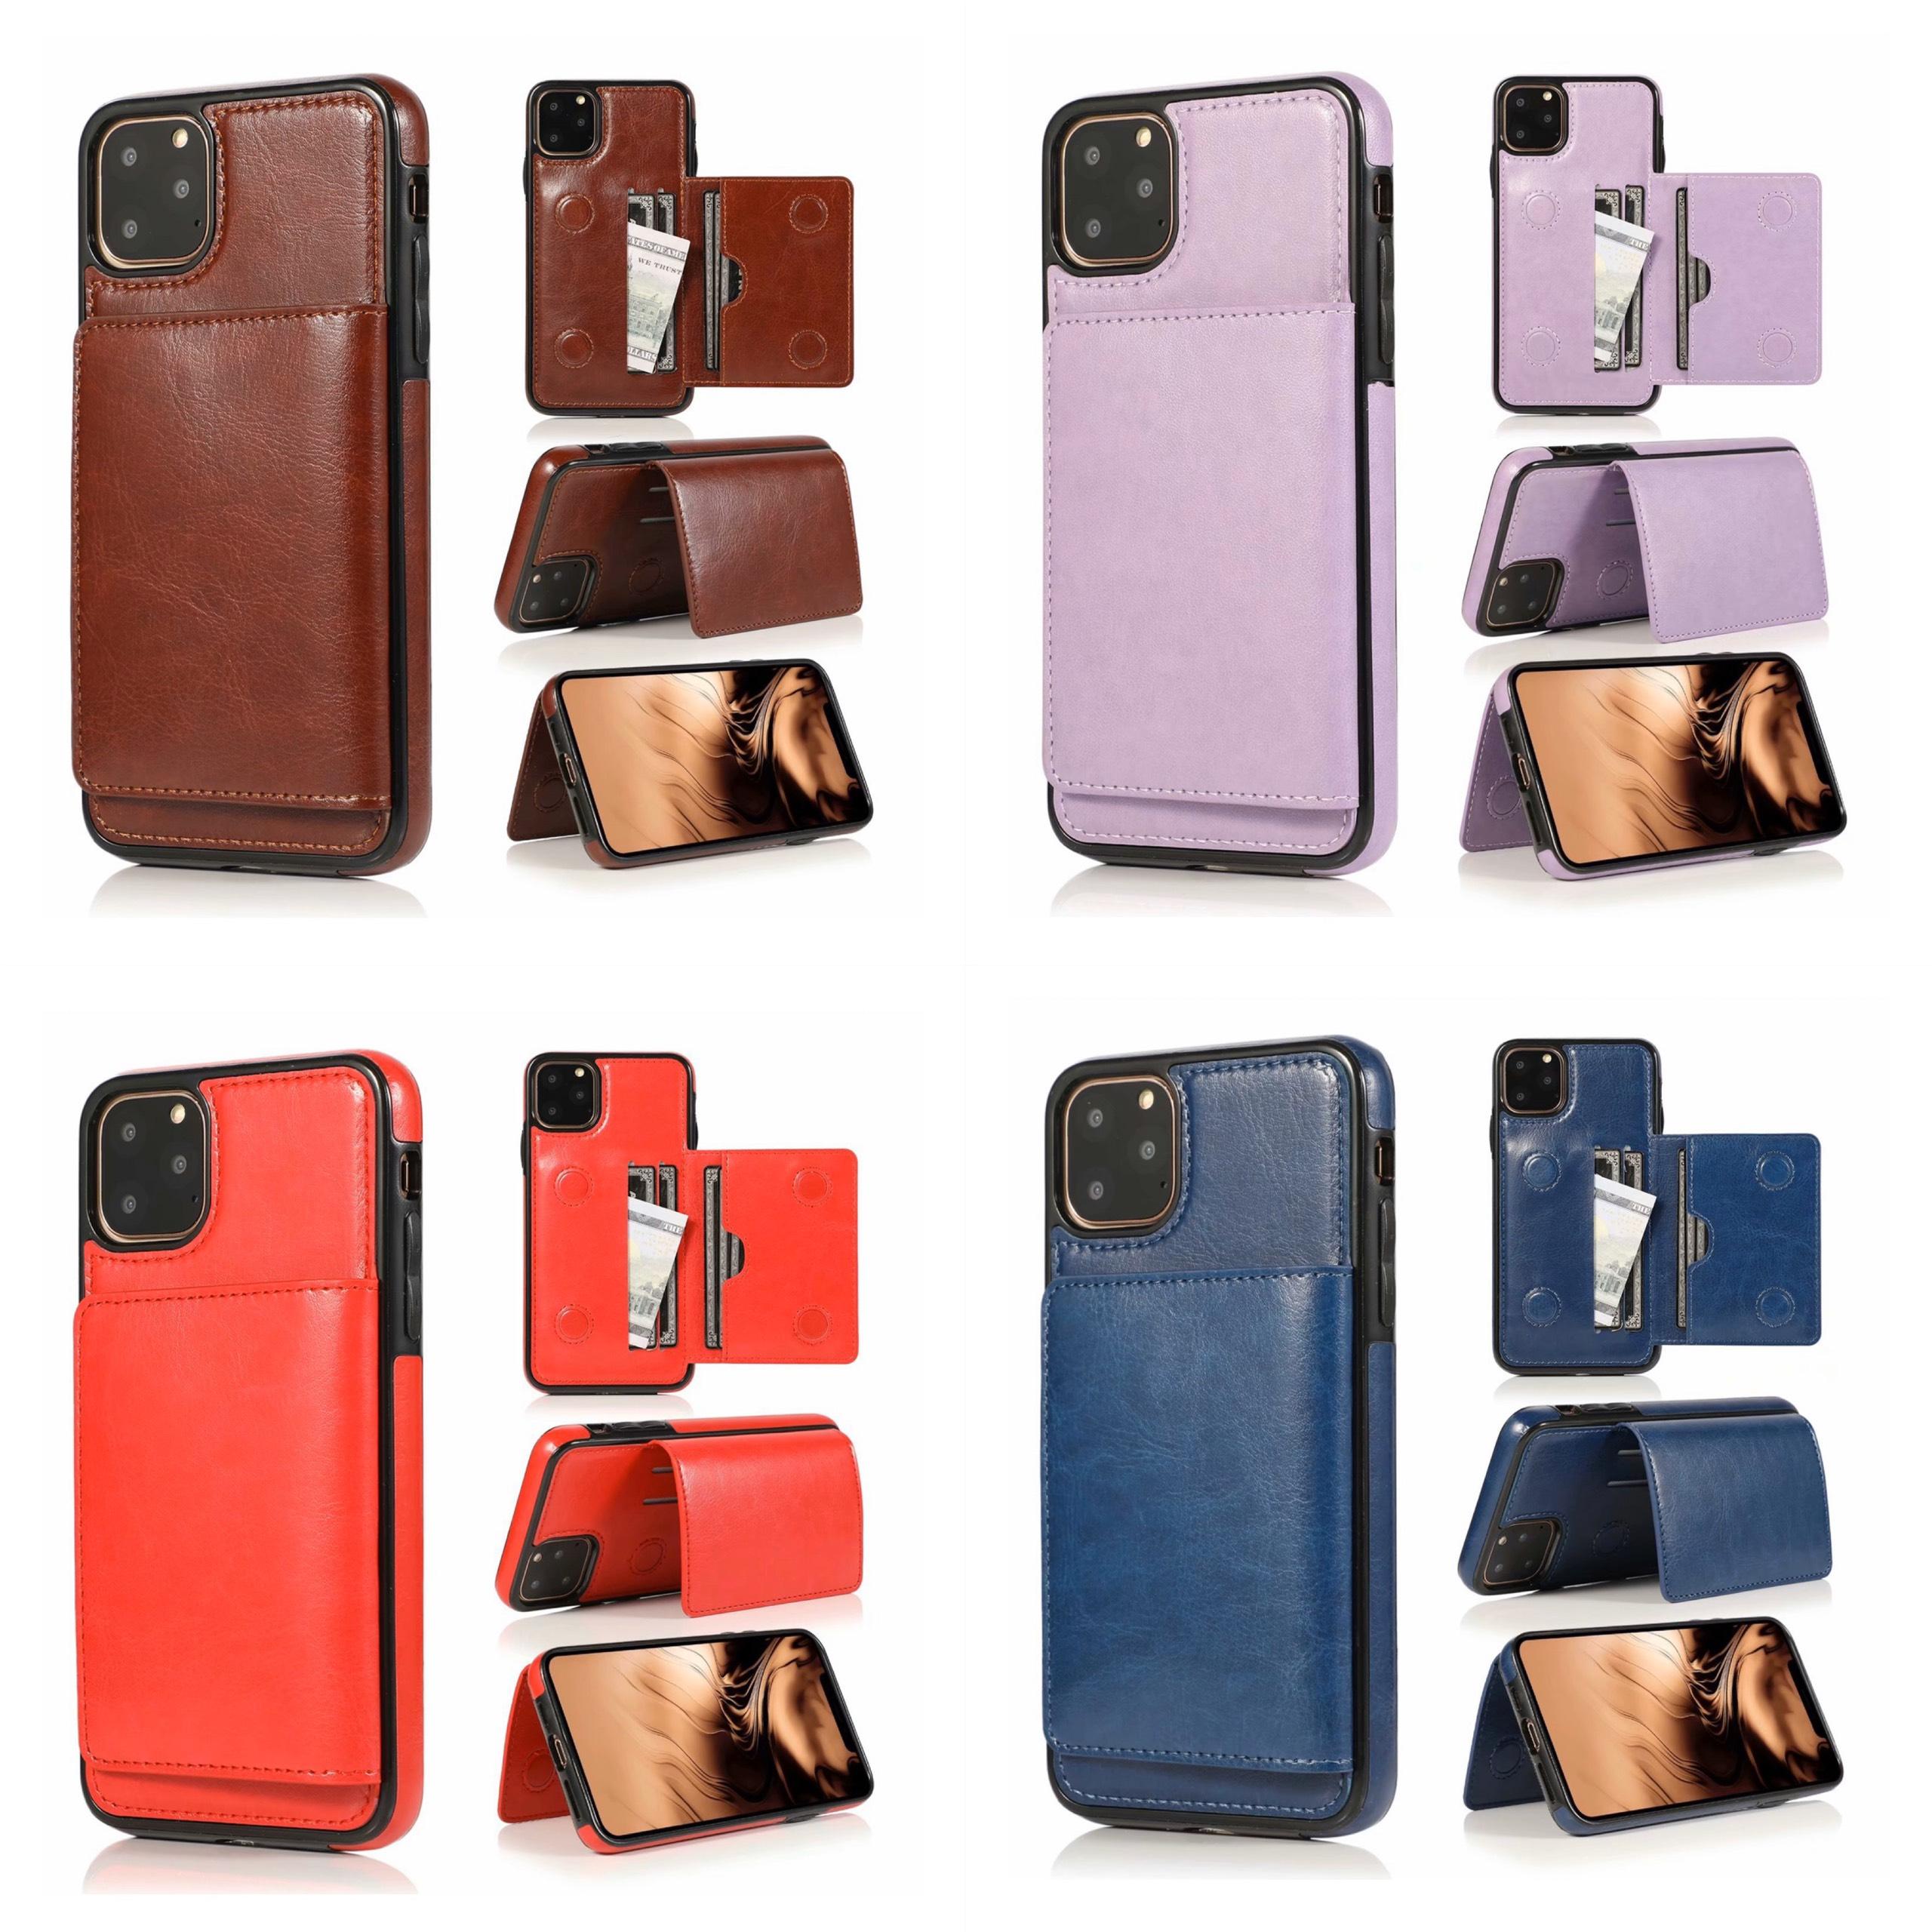 Ốp lưng kiêm ví đựng tiền, thẻ, card.. cho IPhone 11 / 11 Pro Max / Iphone Xs Max